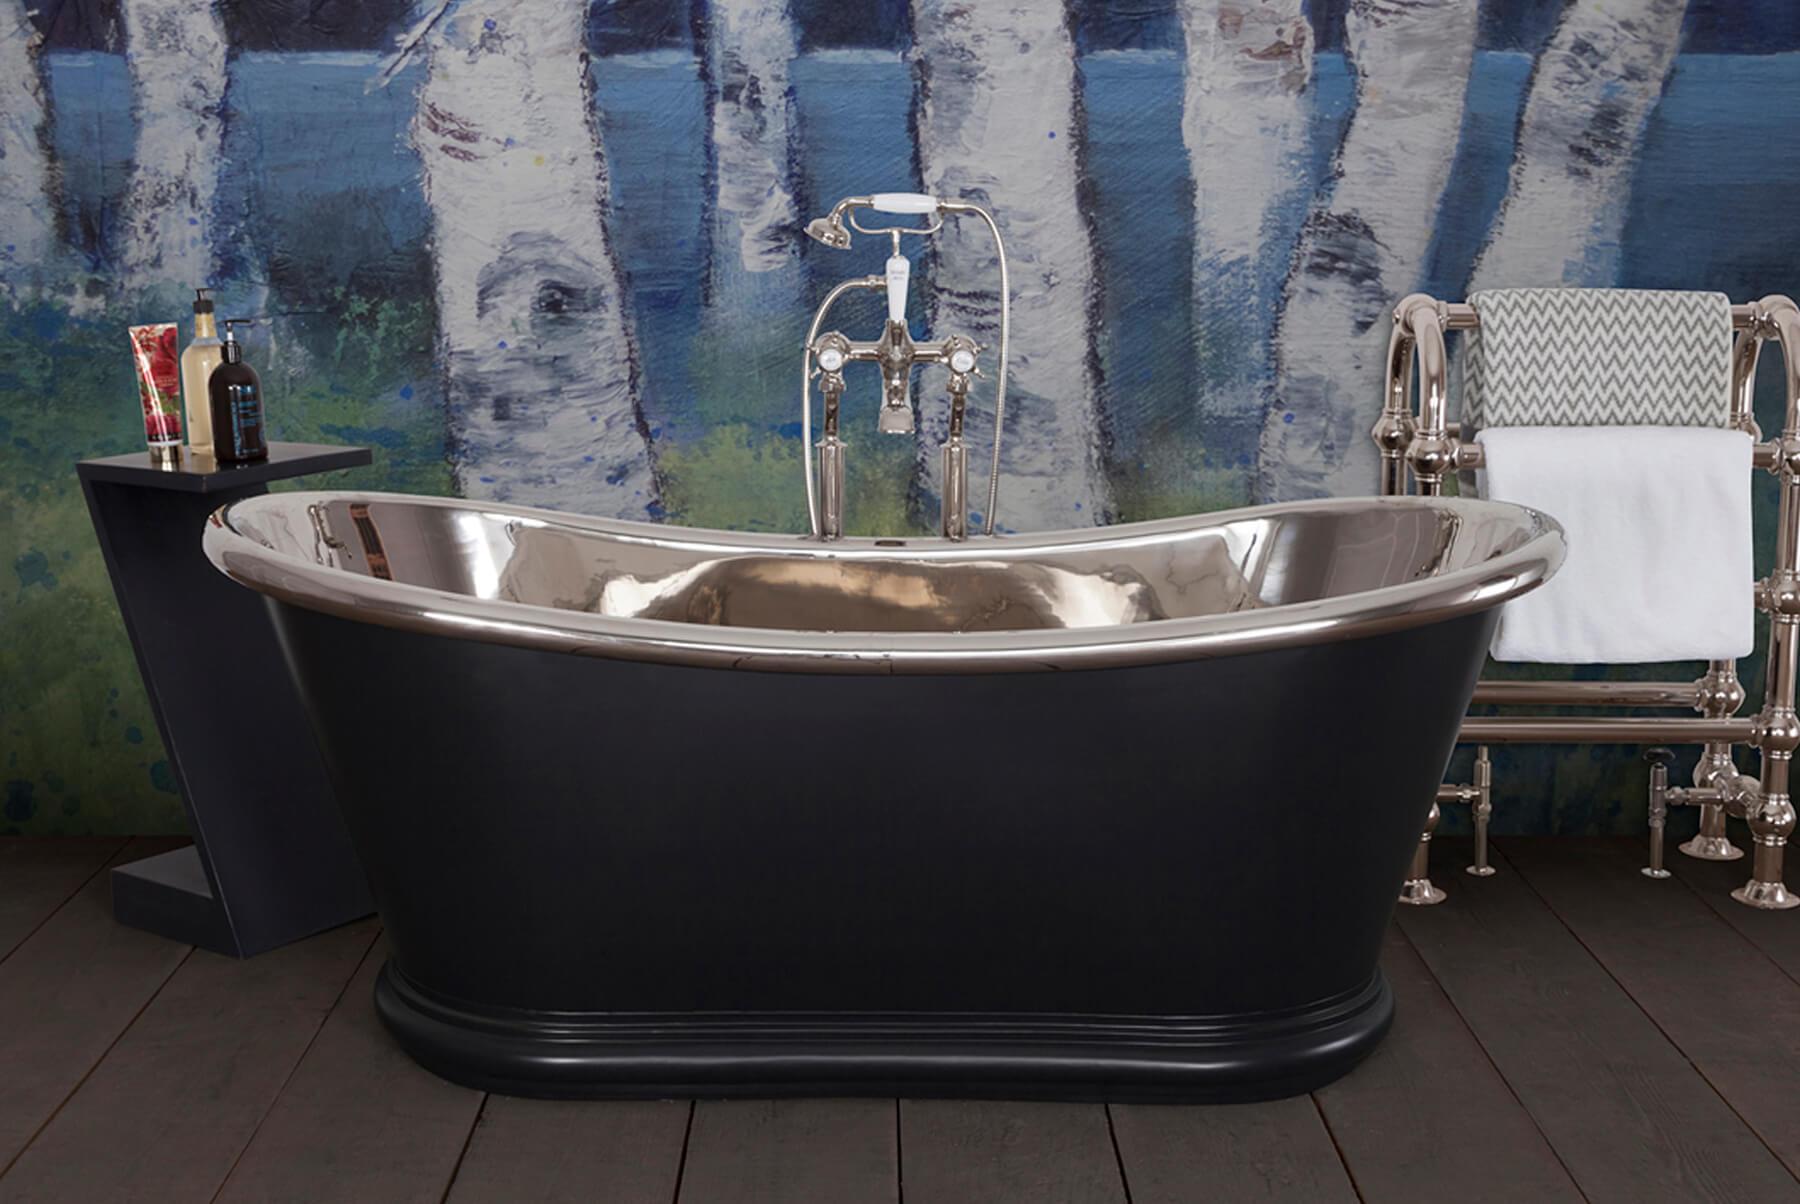 Bath-Tubs-HURLINGHAM-BULLE-NICKEL-PAINTED-1800x1204